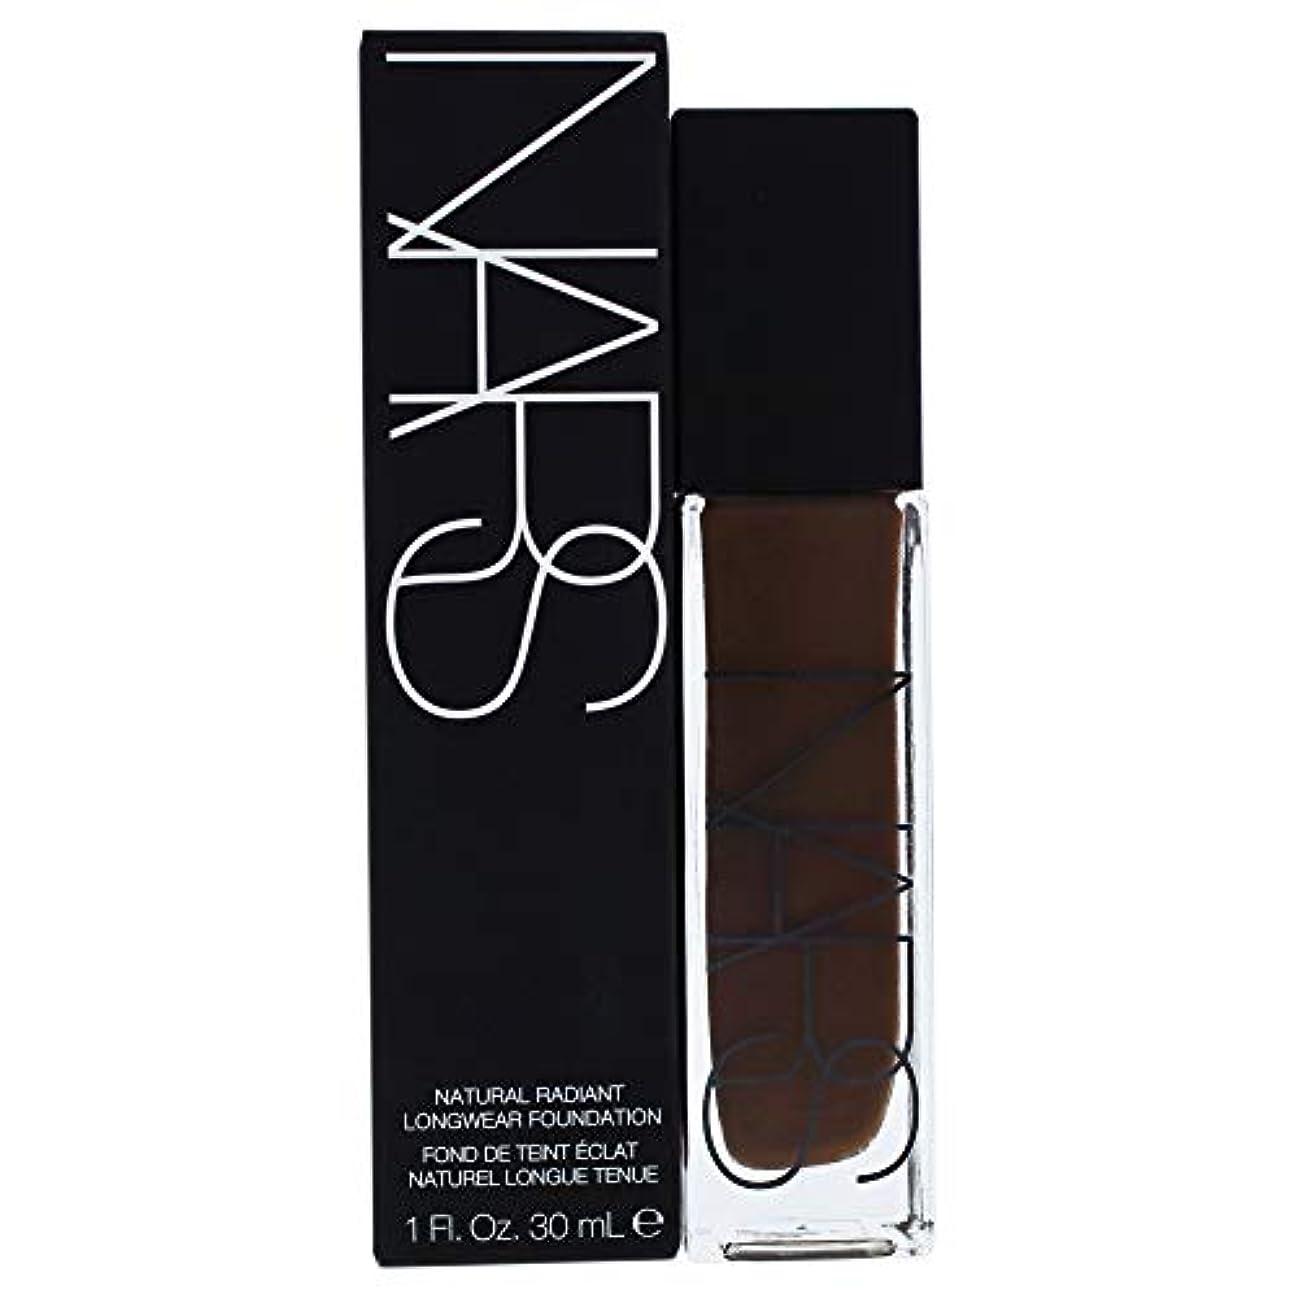 前奏曲衛星叫び声Natural Radiant Longwear Foundation - 06 Mali - Dark